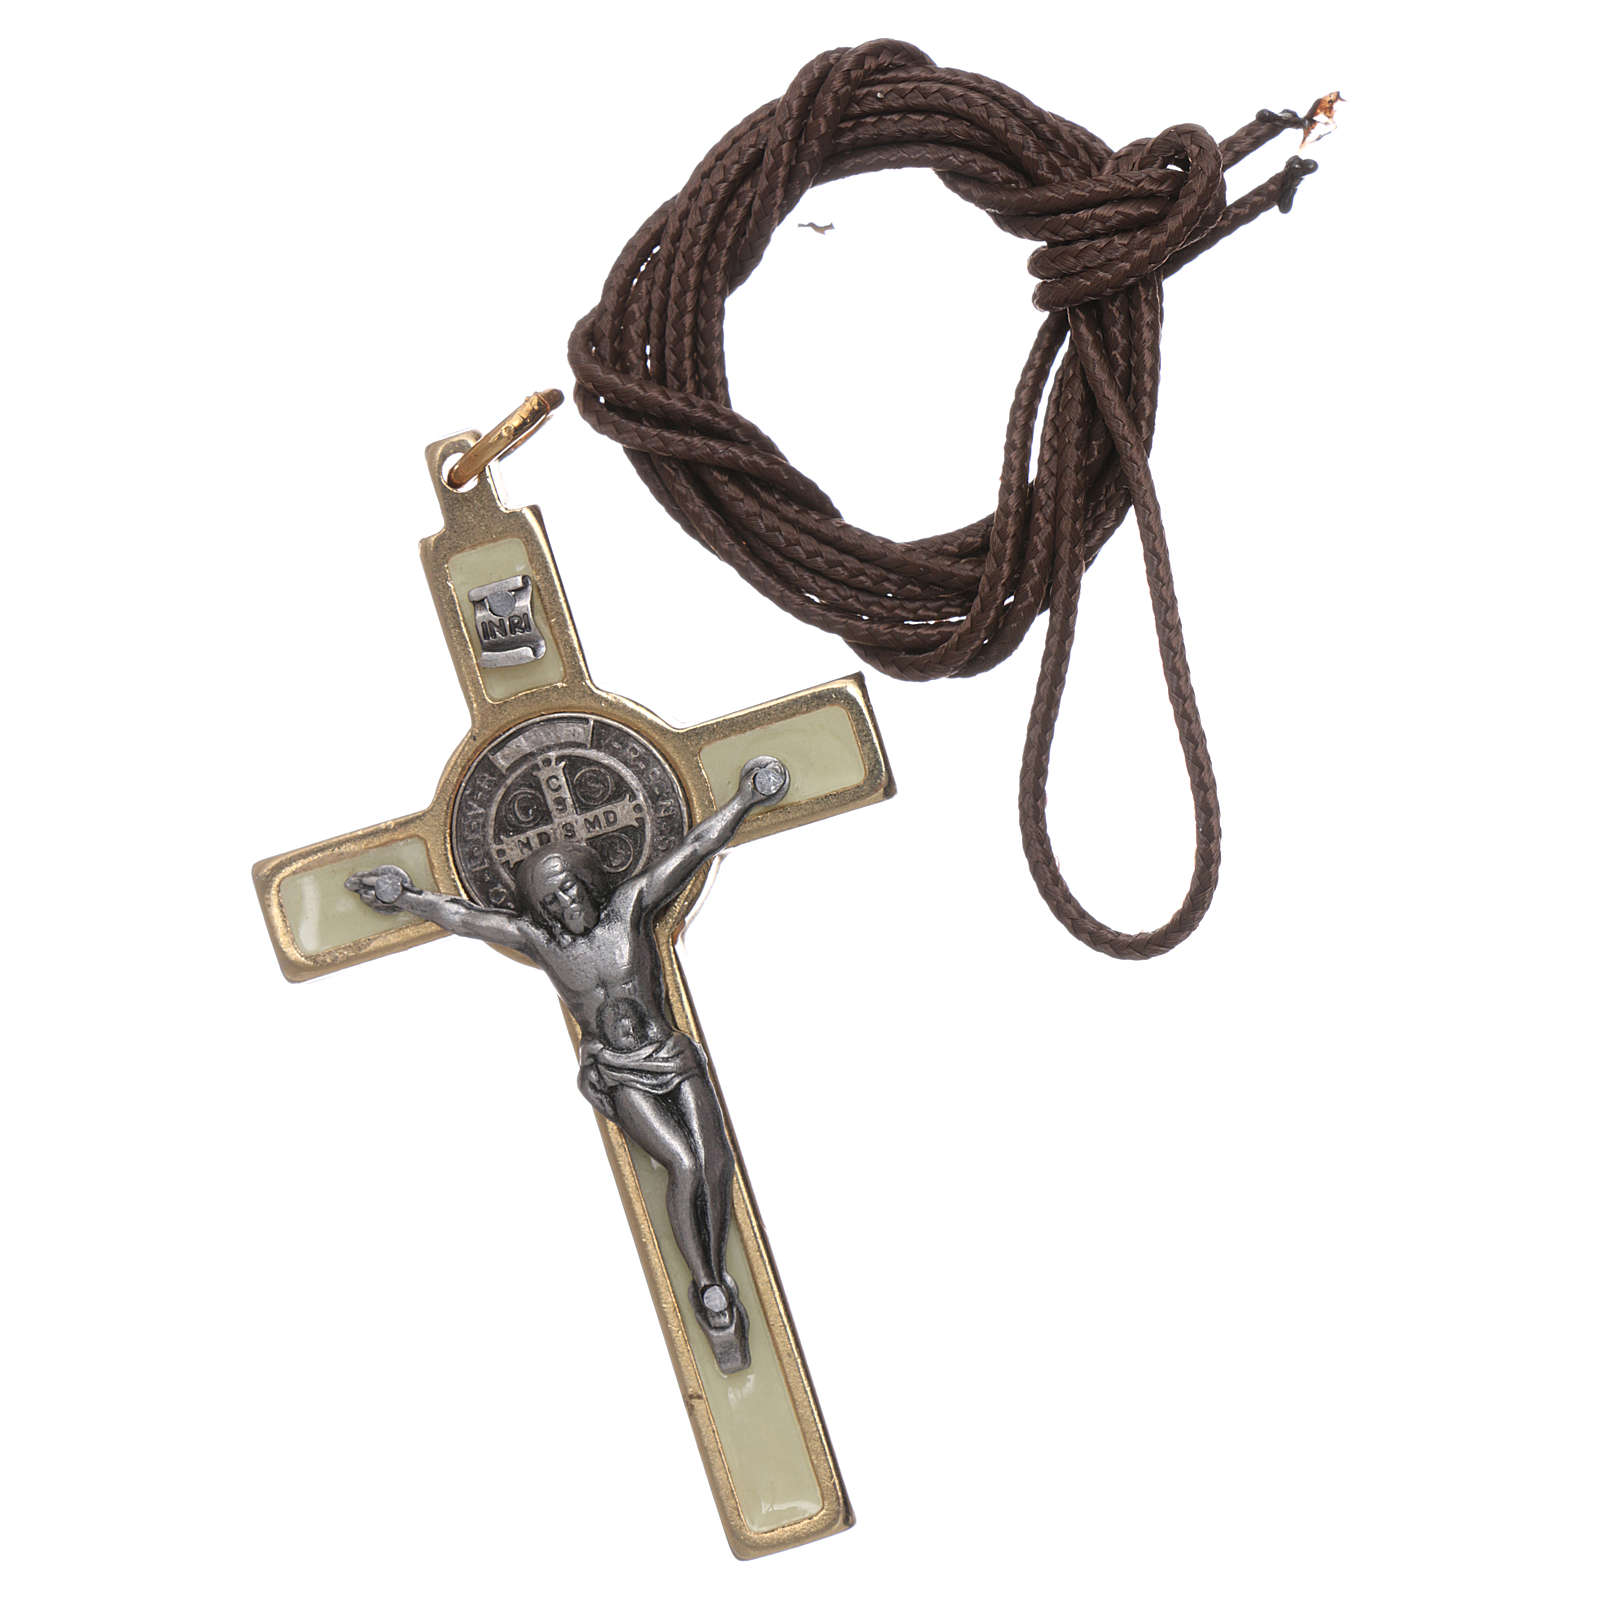 Krzyżyk św. Benedykta na szyję fosforyczny elegancki 4